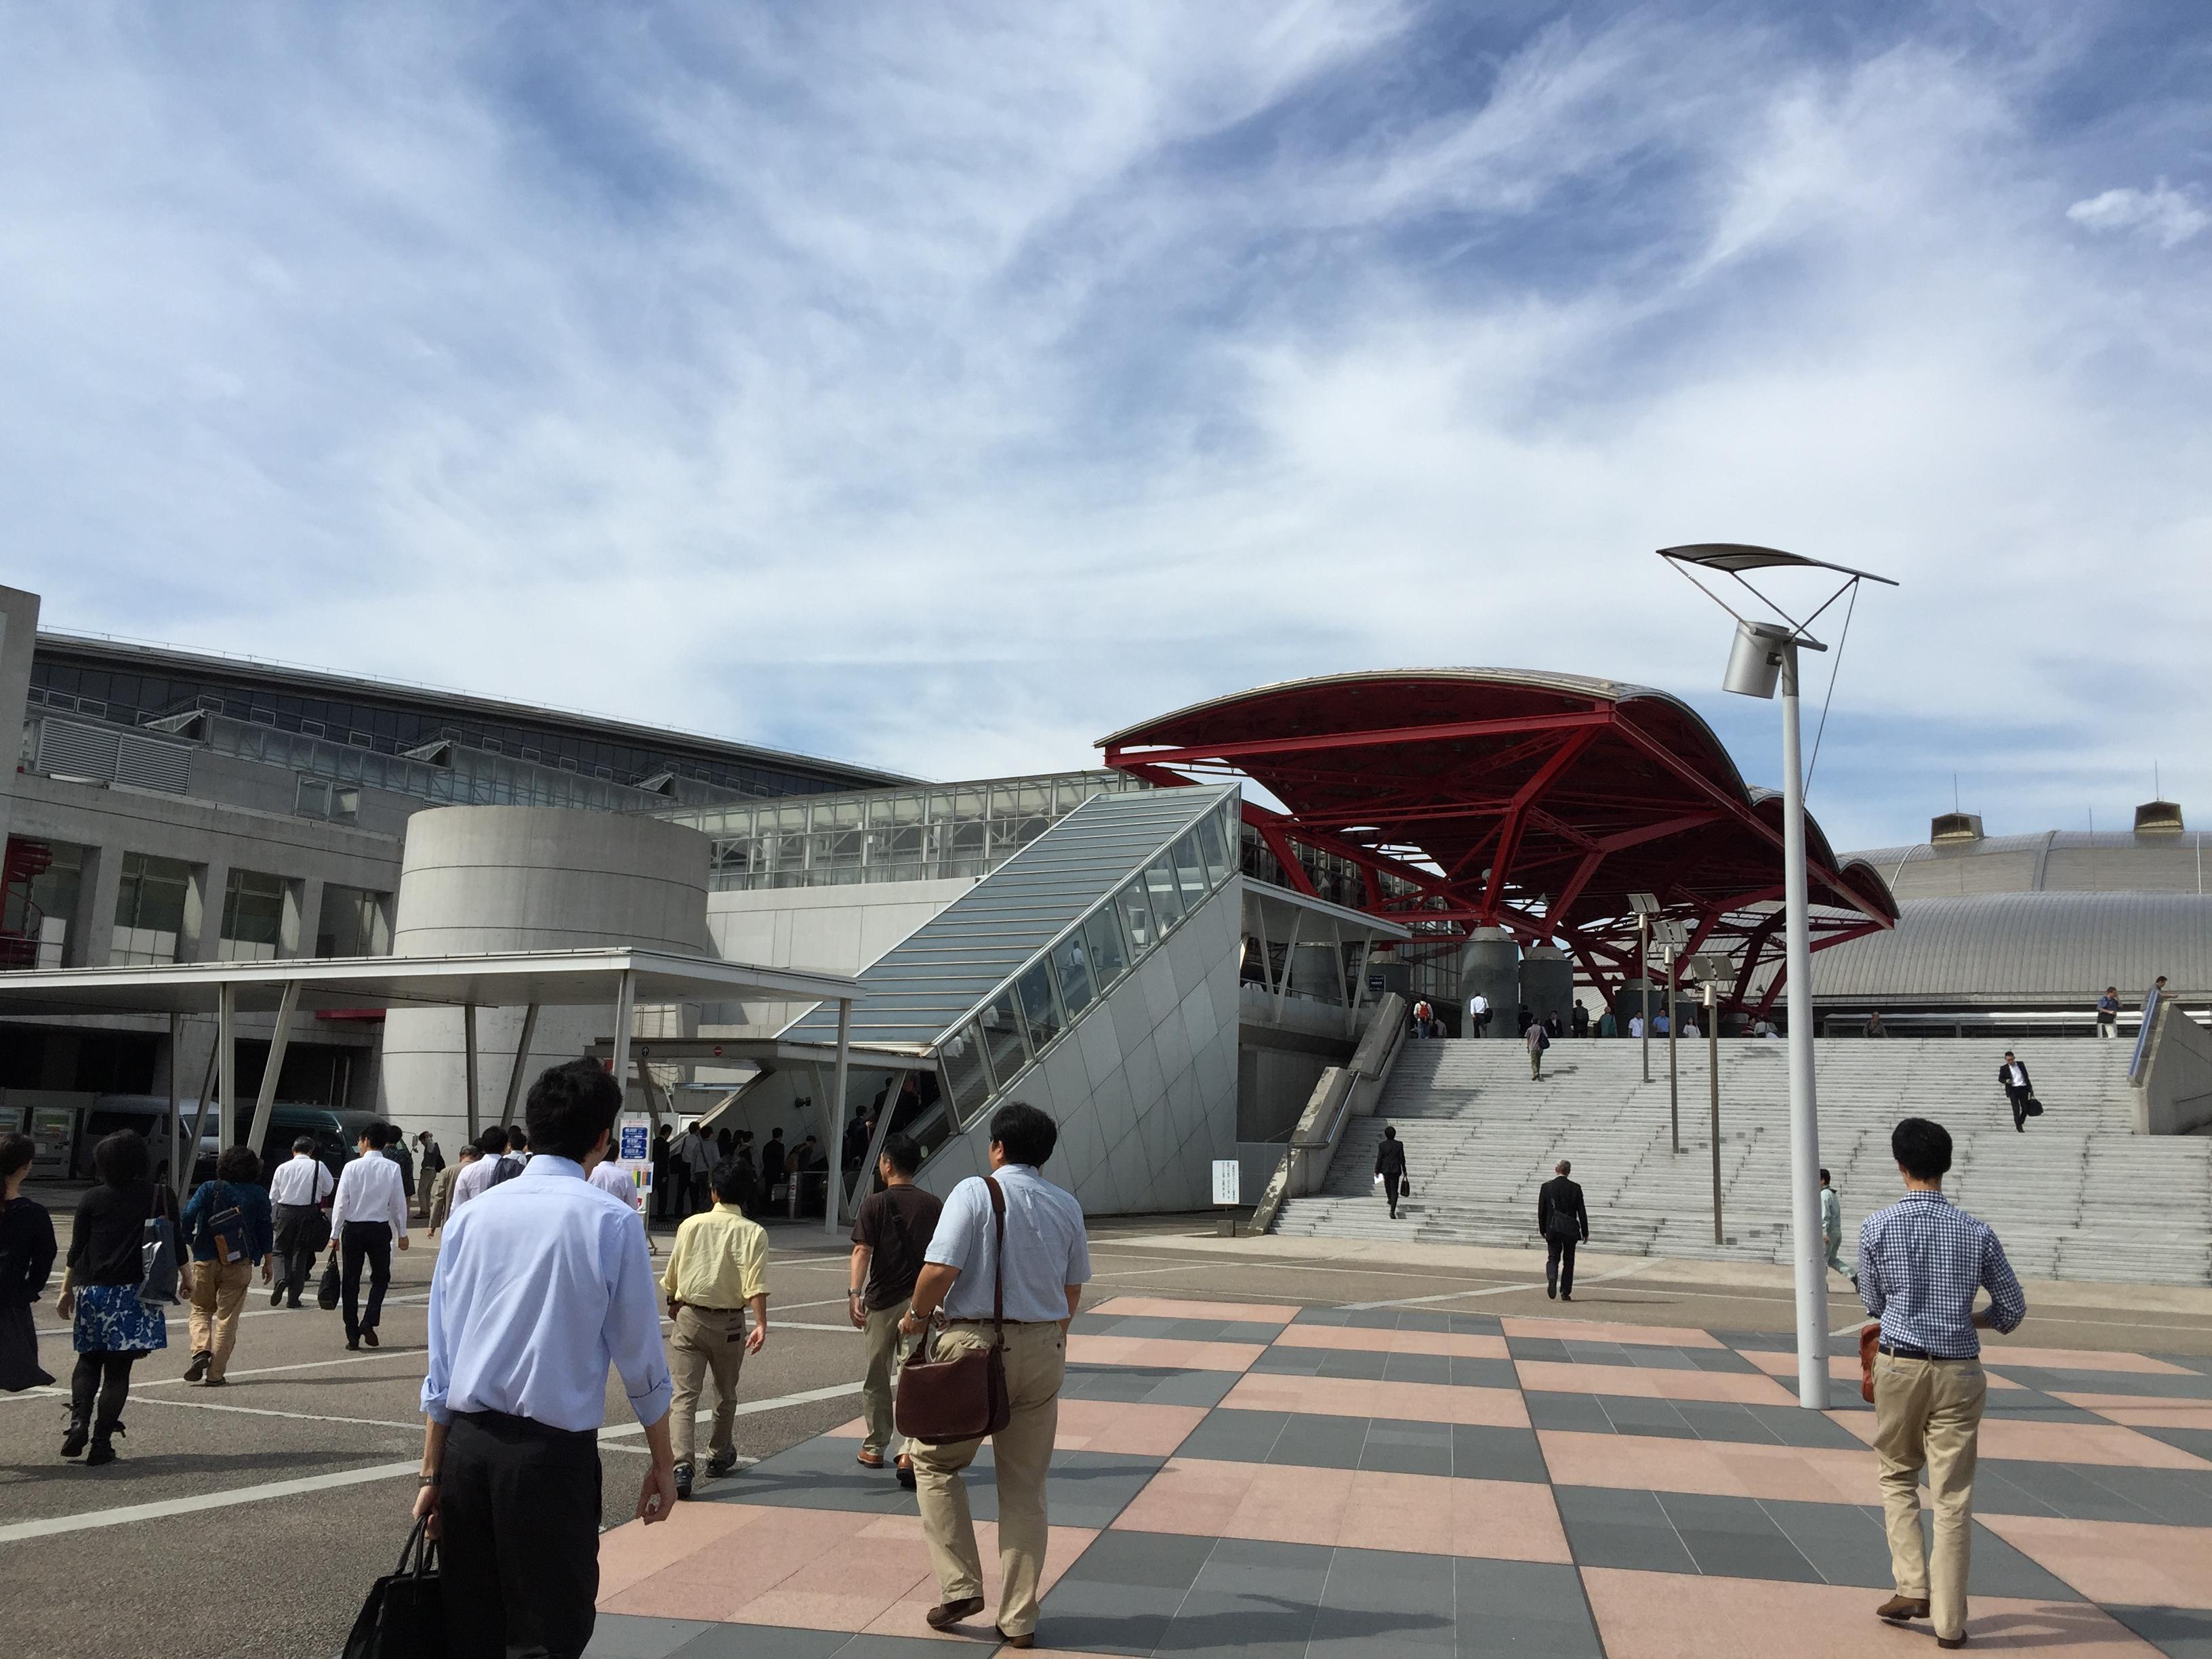 CEATEC JAPAN 2014に行ってきました。デジタルジュエリー®もそろそろ オキュラスに対応させていきます。